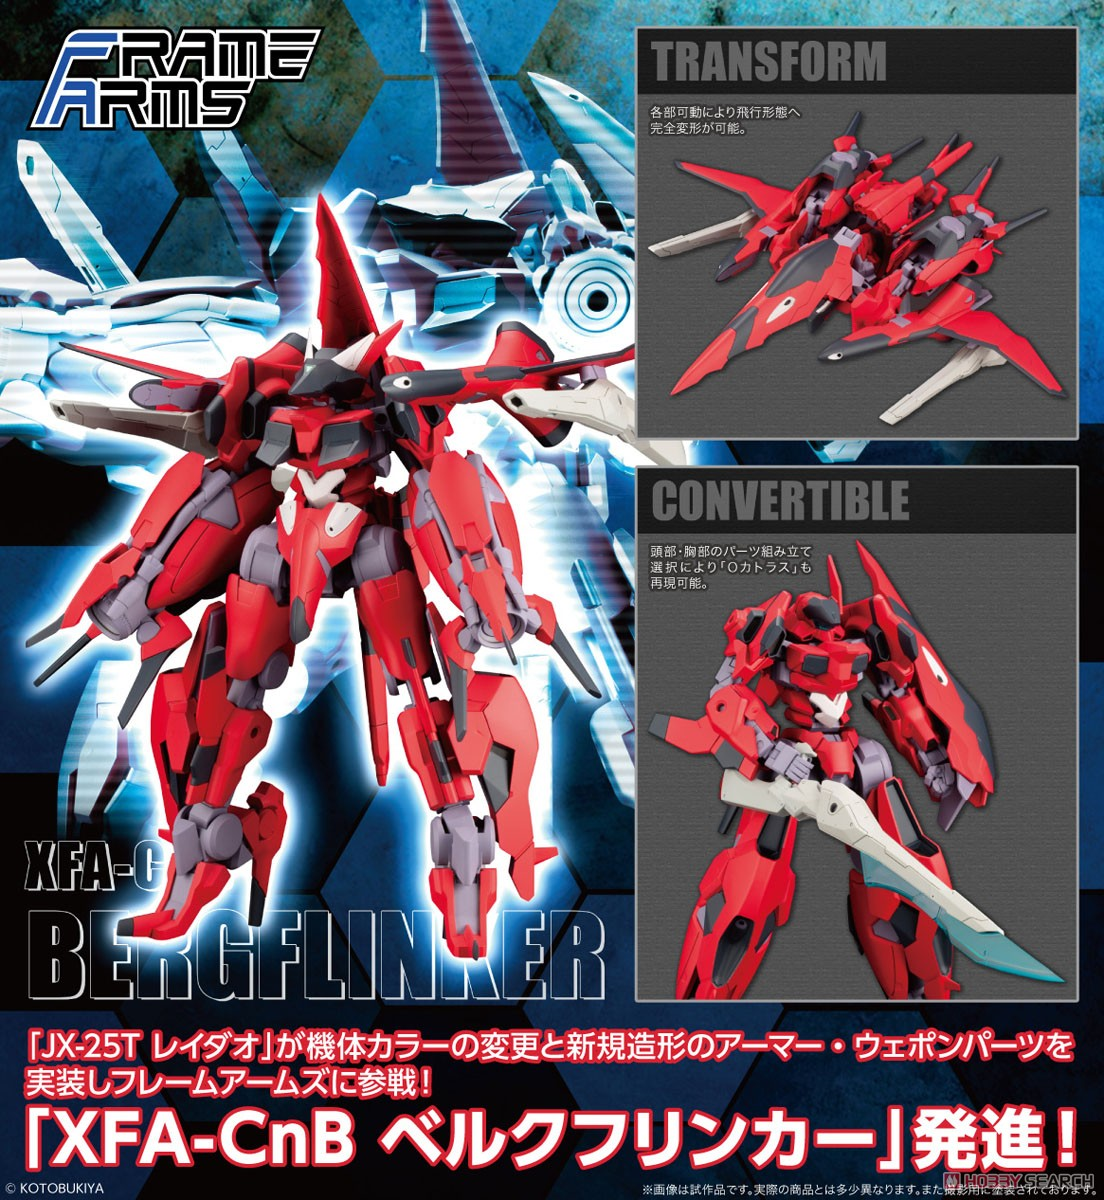 フレームアームズ『XFA-CnB ベルクフリンカー』1/100 プラモデル-010